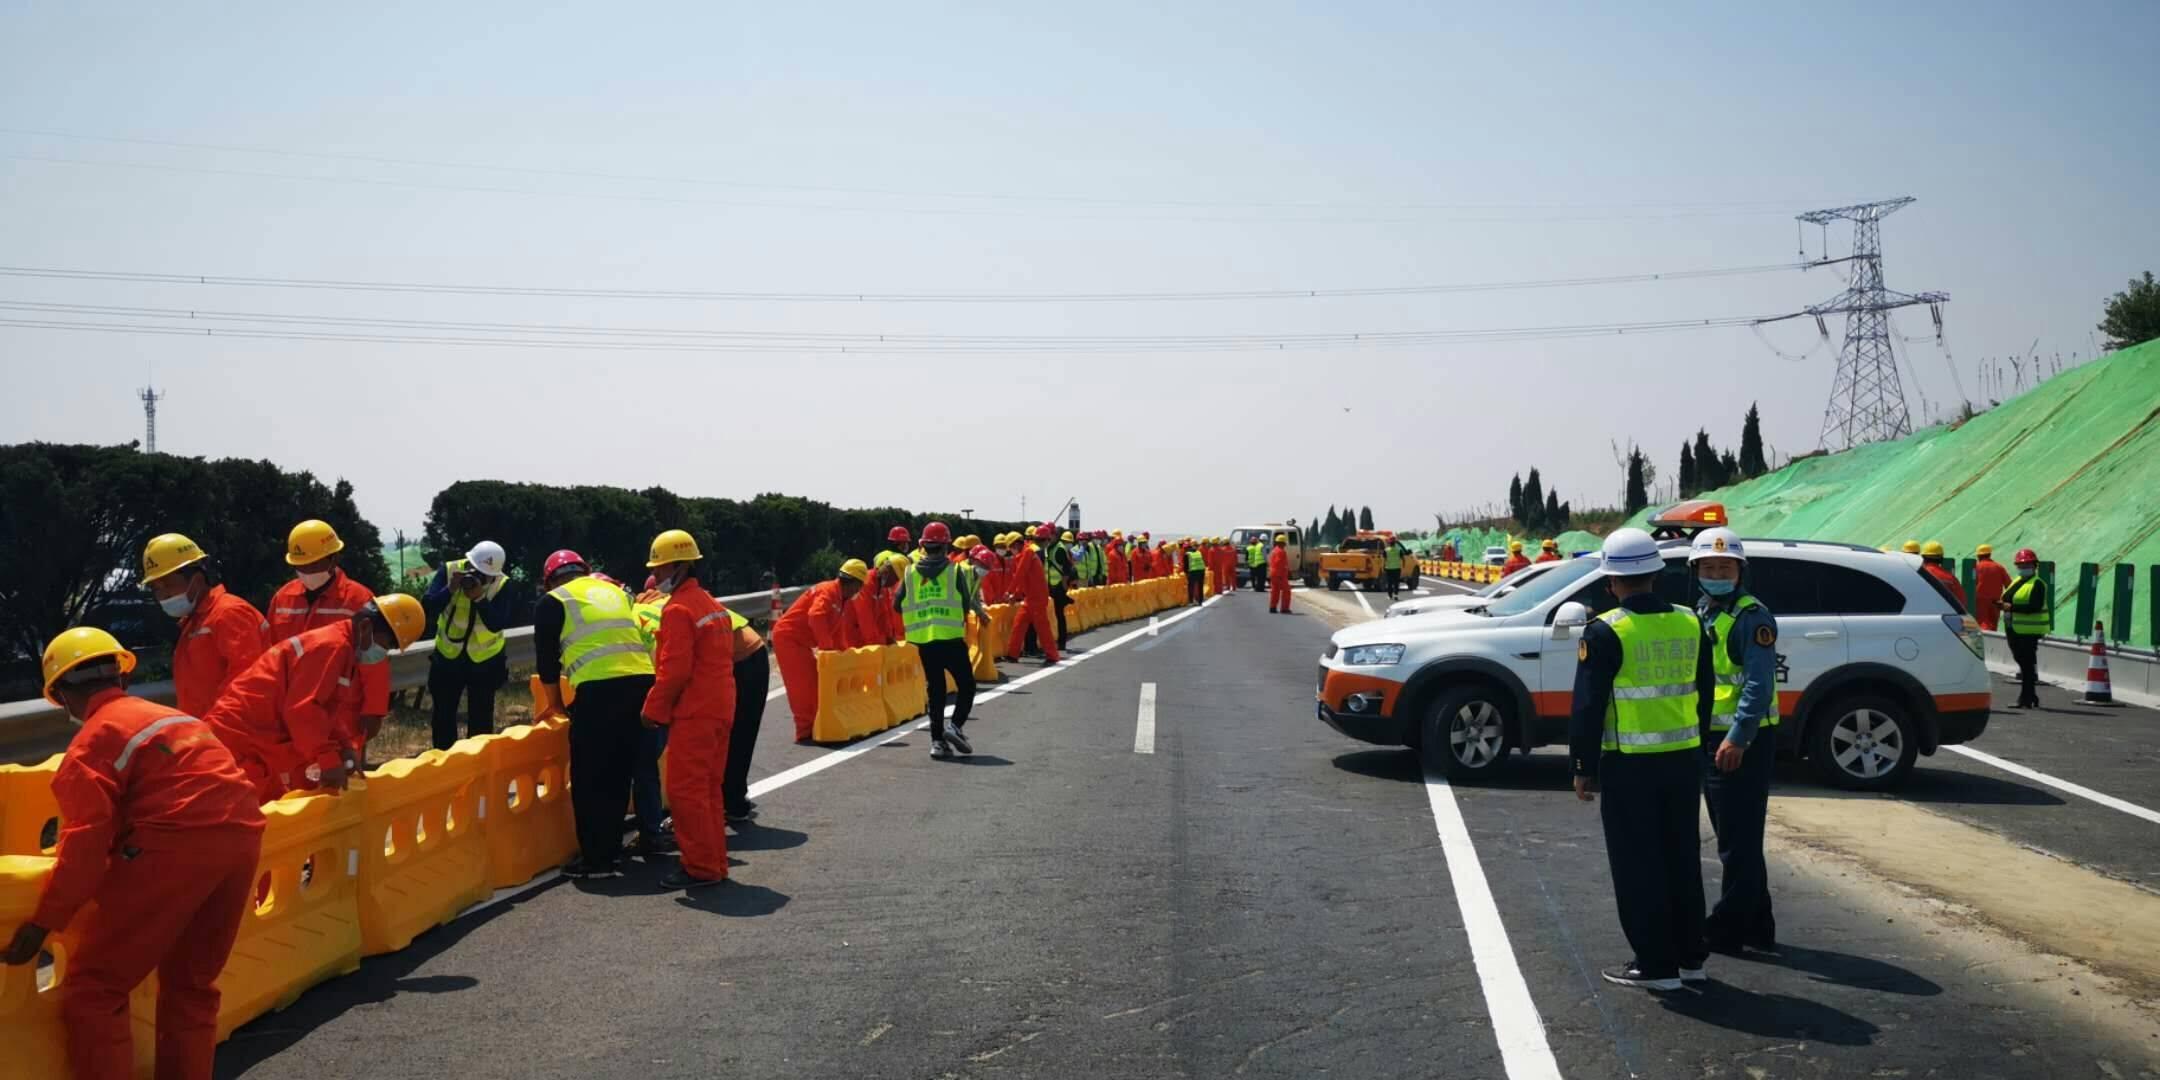 齐鲁网·海报新闻:五一假期正常通行,京台高速改扩建项目泰安到枣庄段完成首次集中施工转序